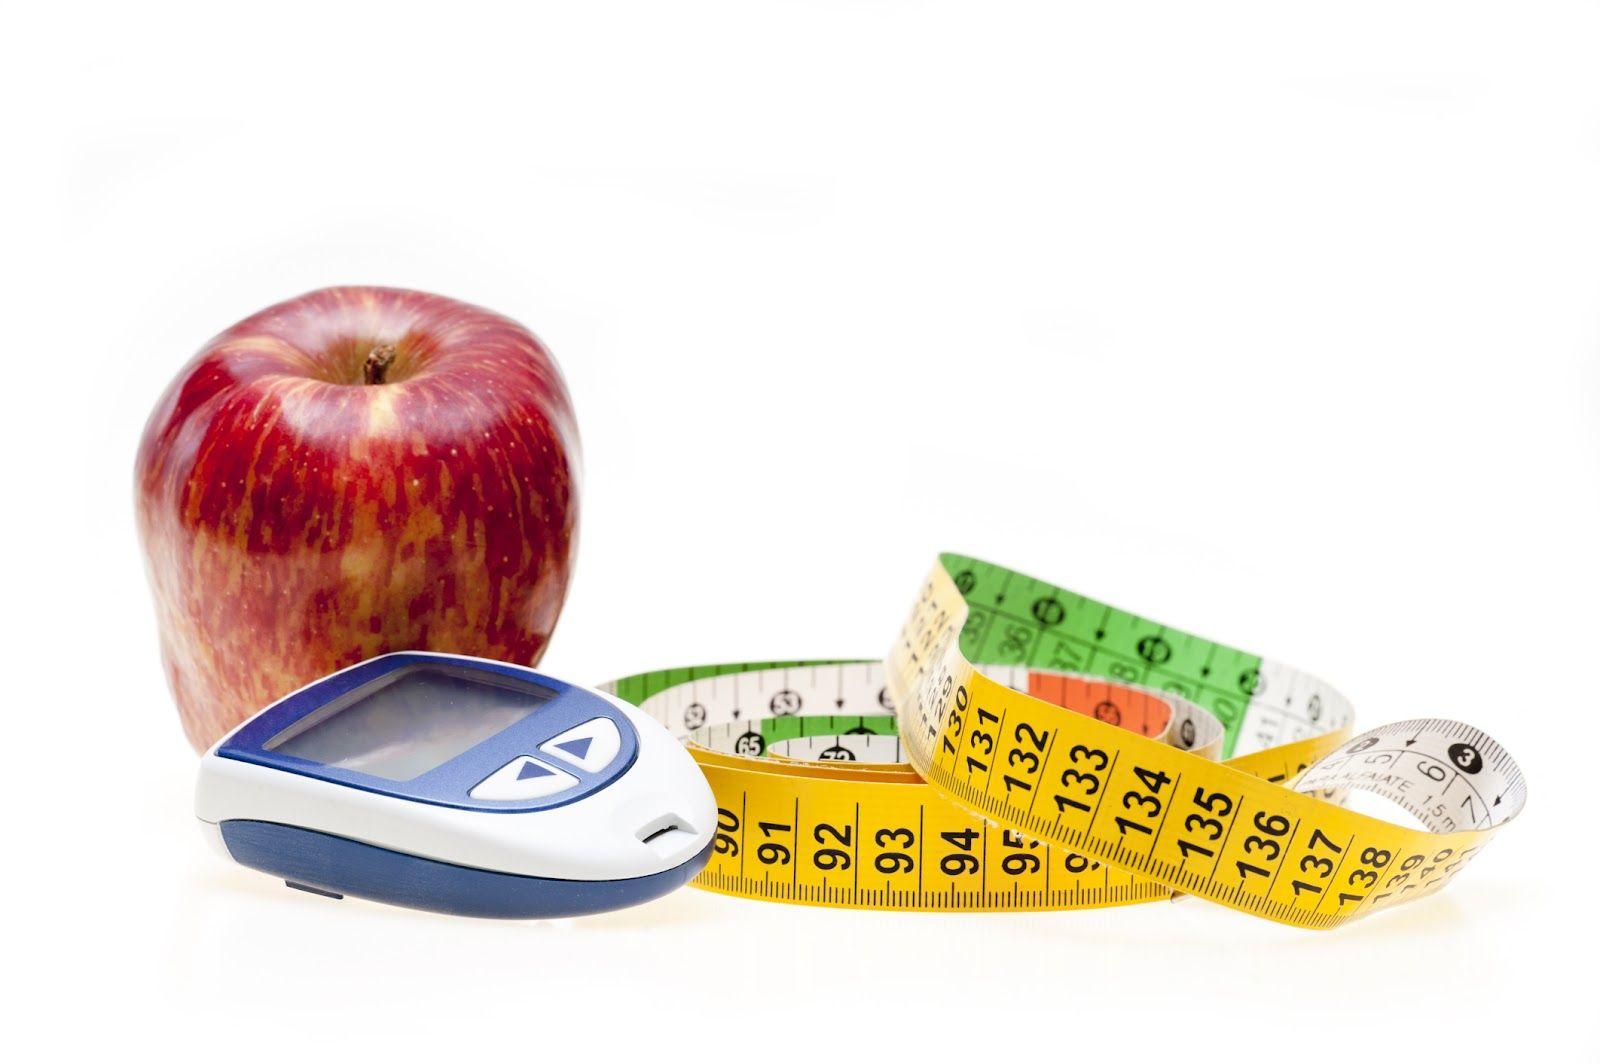 Regimul alimentar cu care cercetătorii susțin că oricine poate scăpa de diabet în doar 5 zile